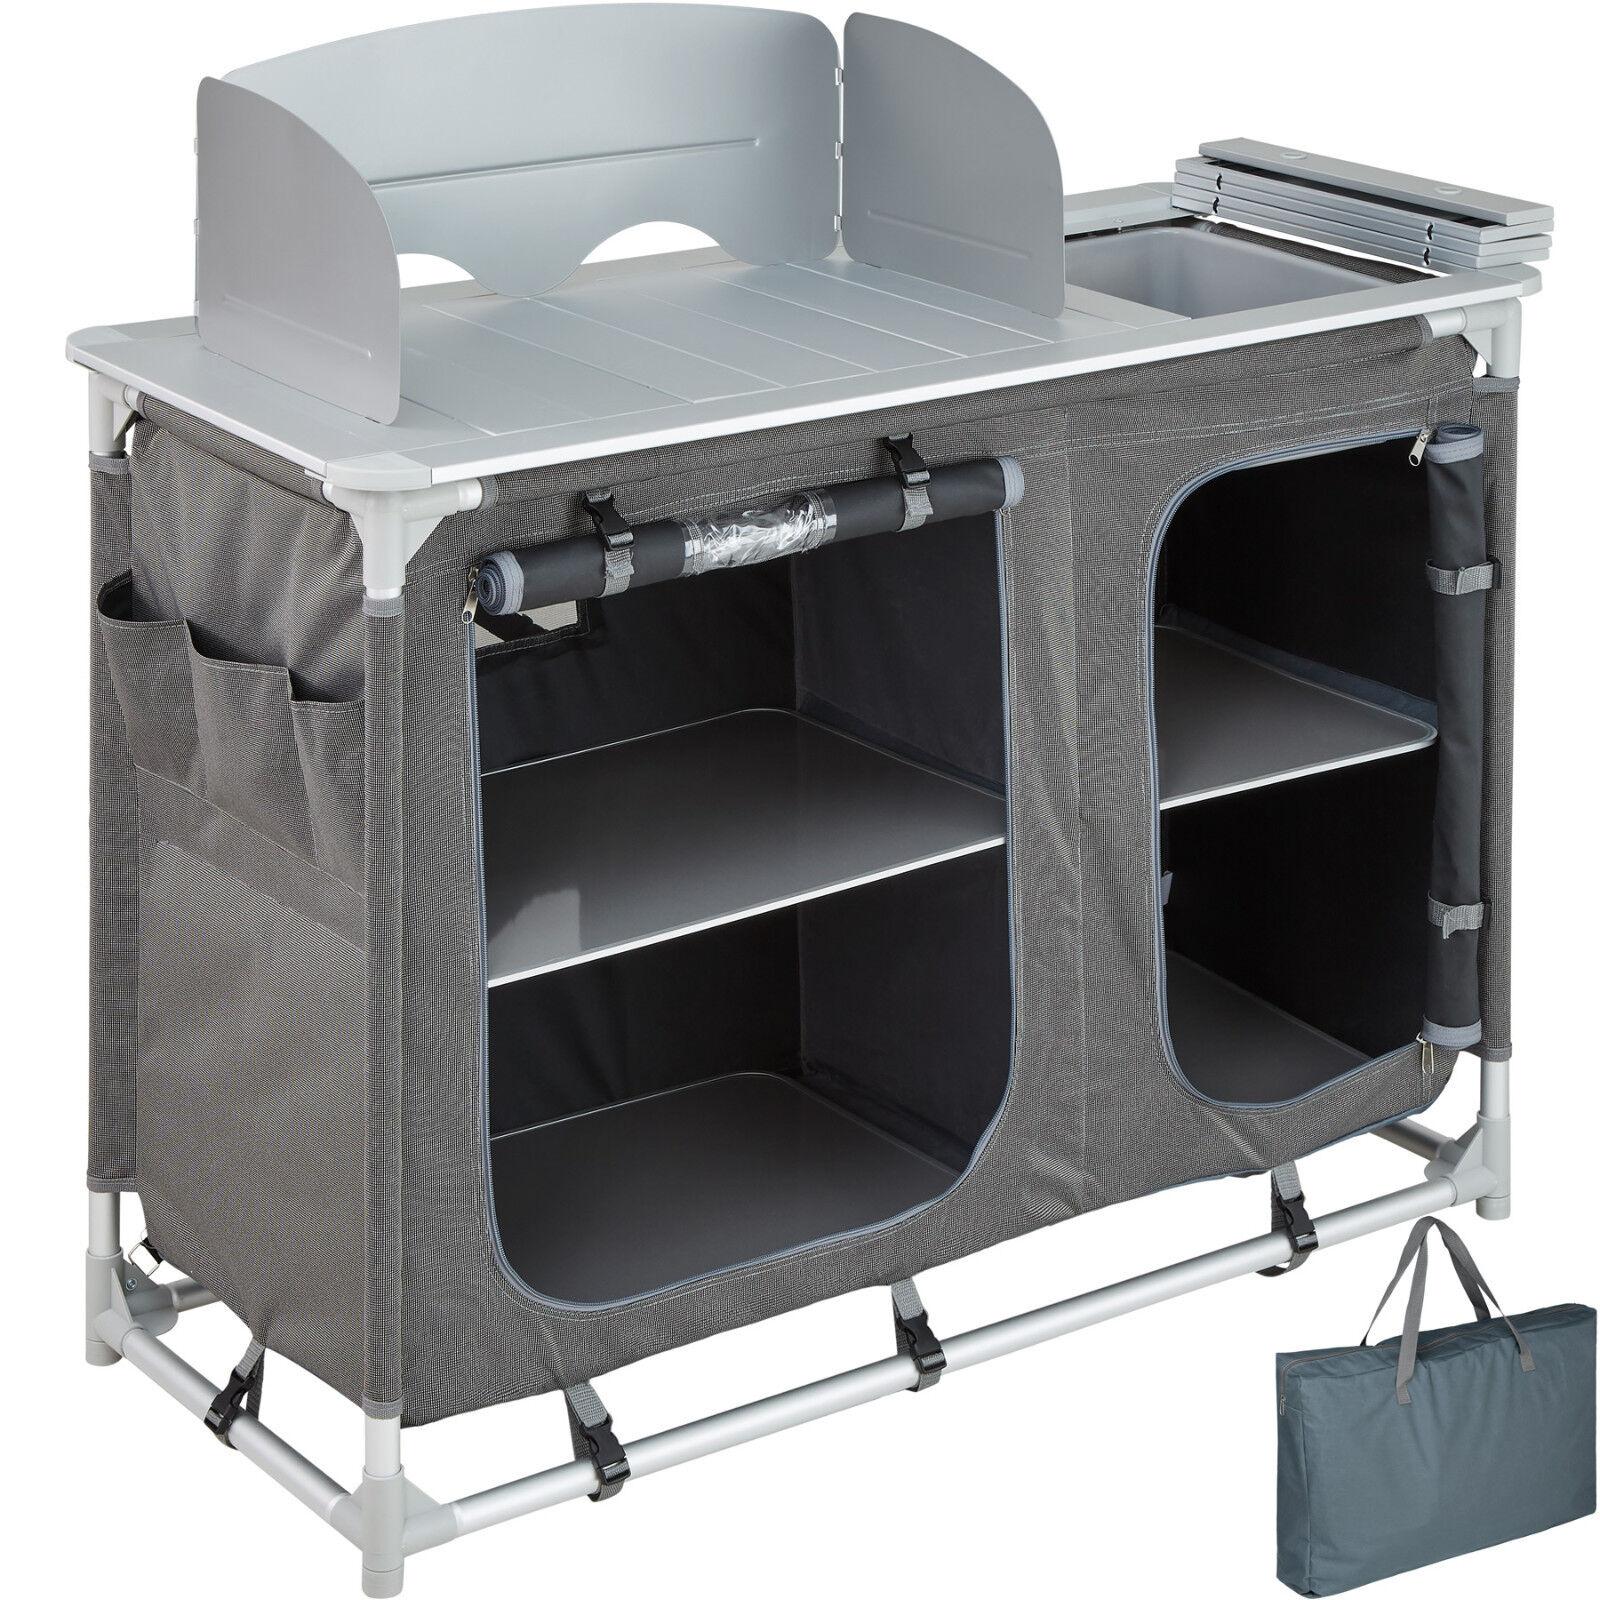 Cucina da campeggio con paravento box da esterni alluminio mobile pieghevole